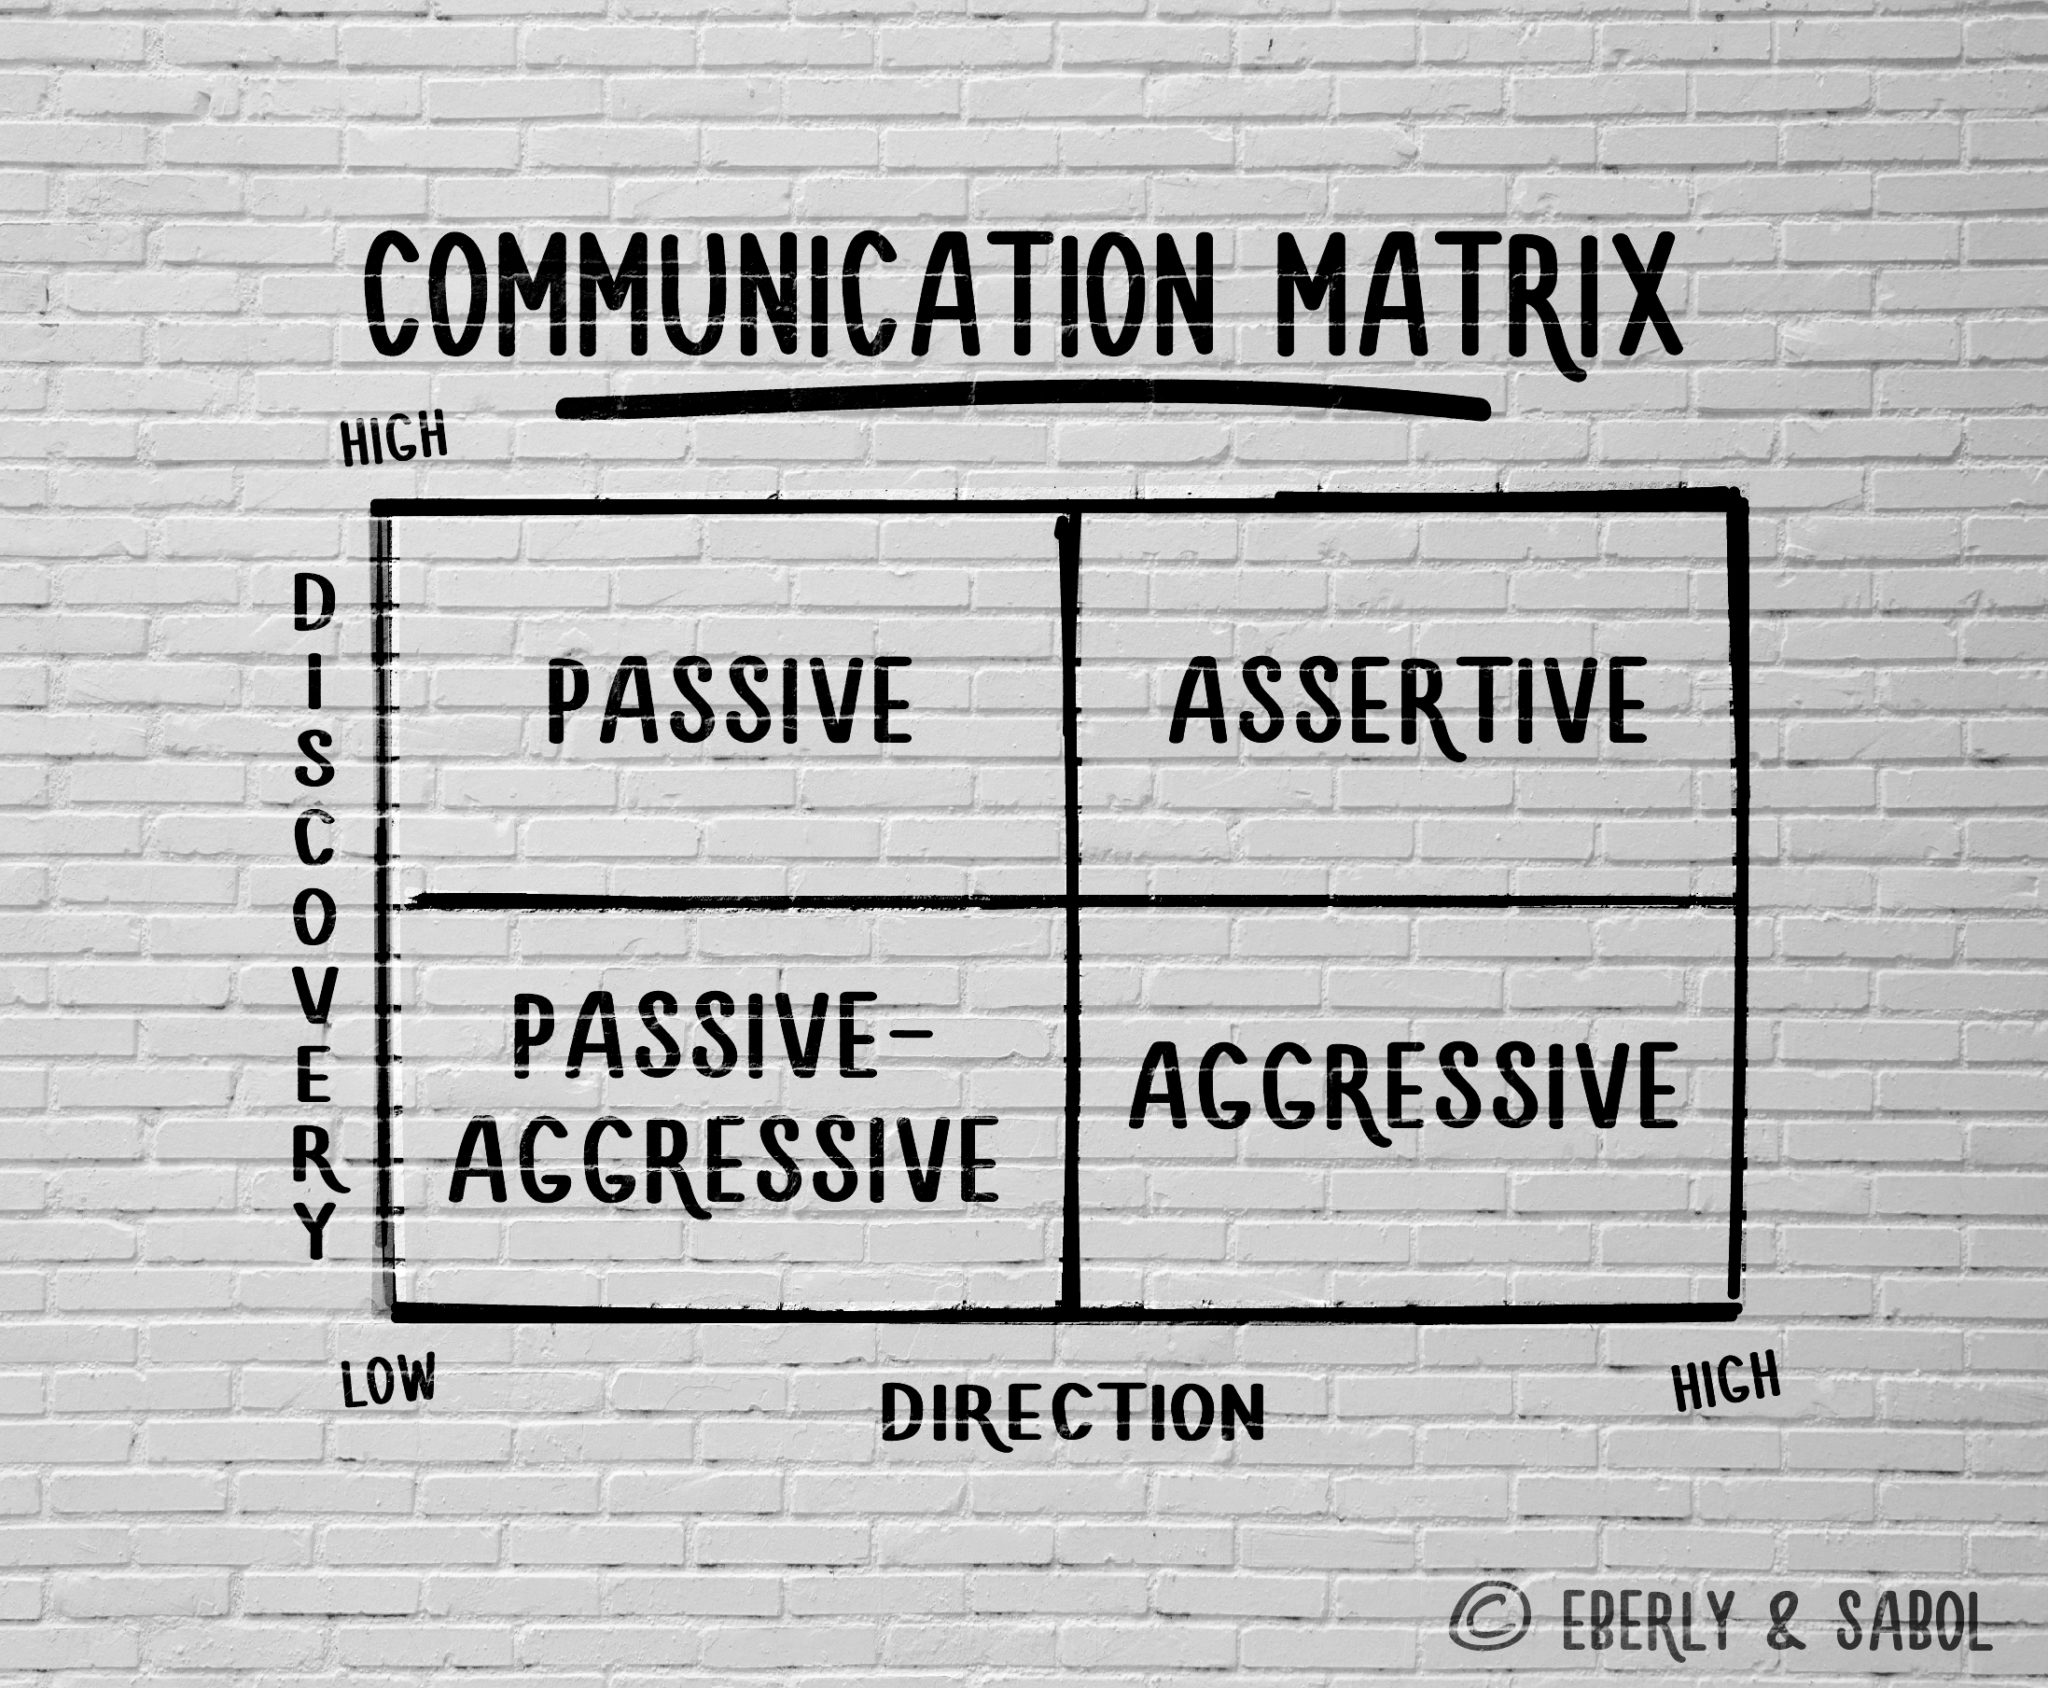 The Communication Matrix